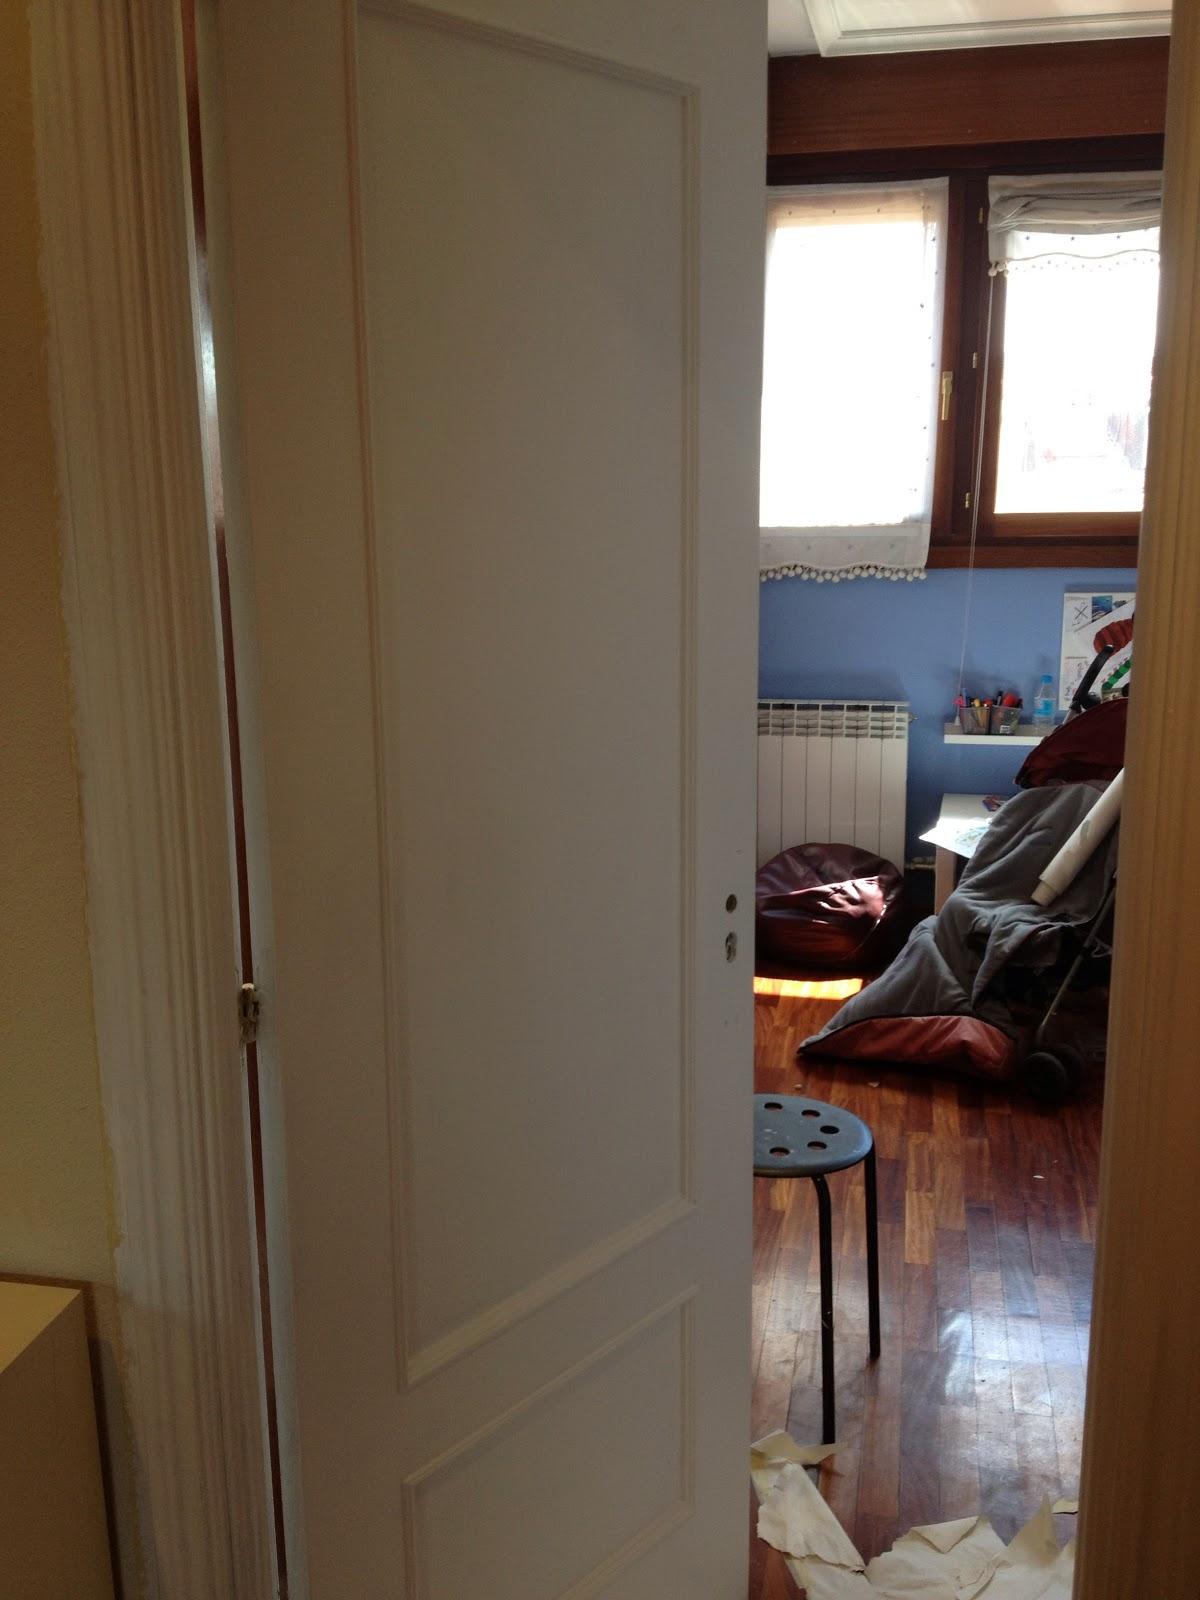 Adios al sapely pintar puertas de blanco juntitoscrafts punto y manualidades - Pintar puertas de casa ...